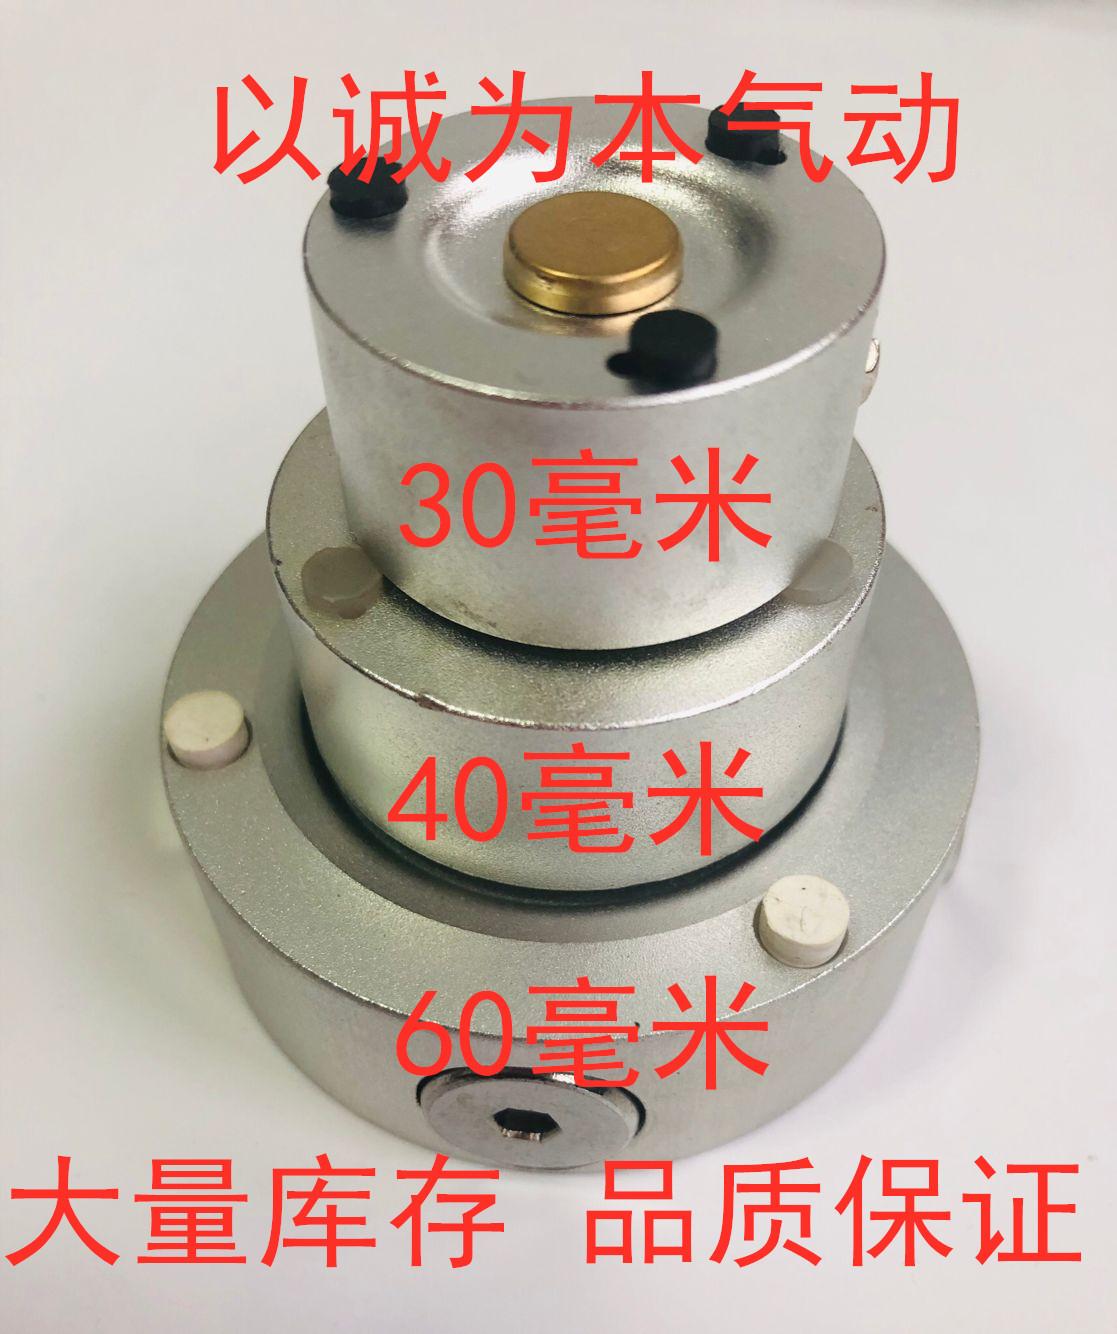 优质工业吸嘴易损透气铝制无痕吸附30/40/60非接触式真空吸盘